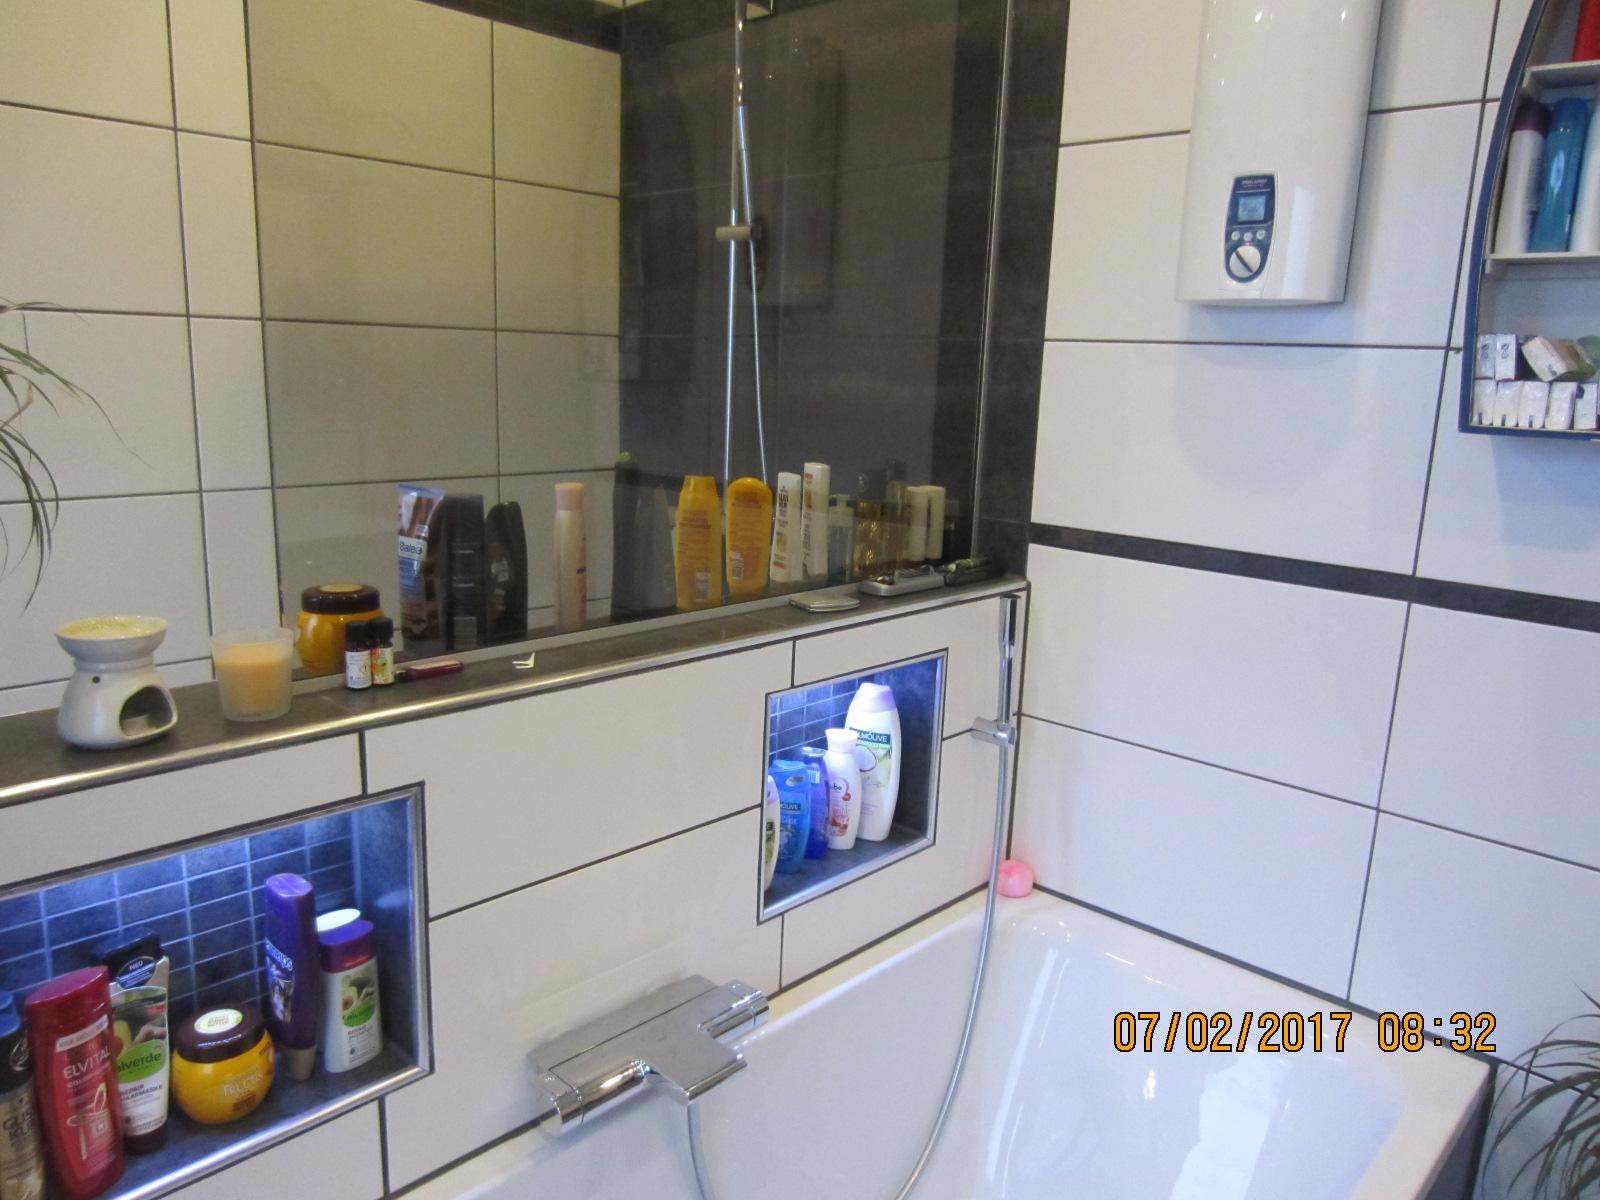 Hallo wanne und waschtisch haben durchweg hei es wasser die dusche wird nach ca 3 min kalt - Thermostatarmatur dusche ...